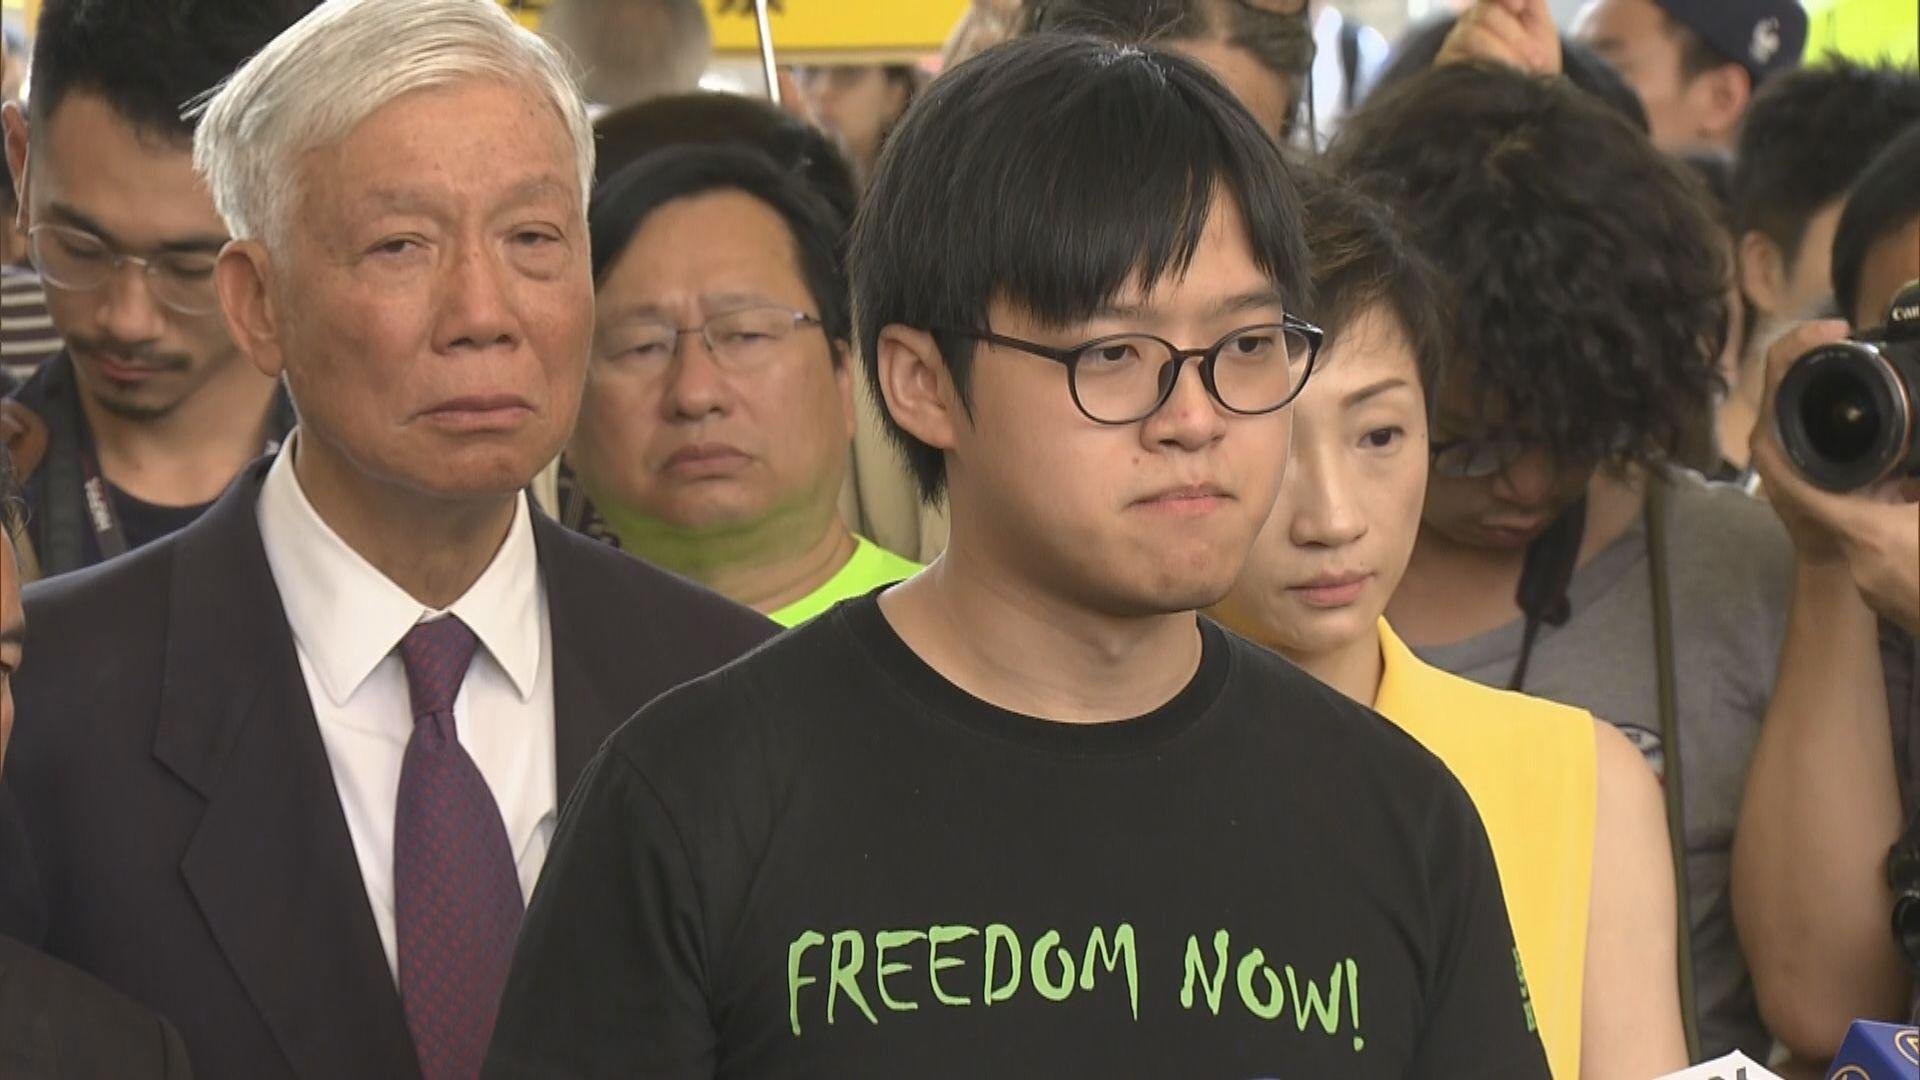 張秀賢:盼各方反思願為民主付多大代價